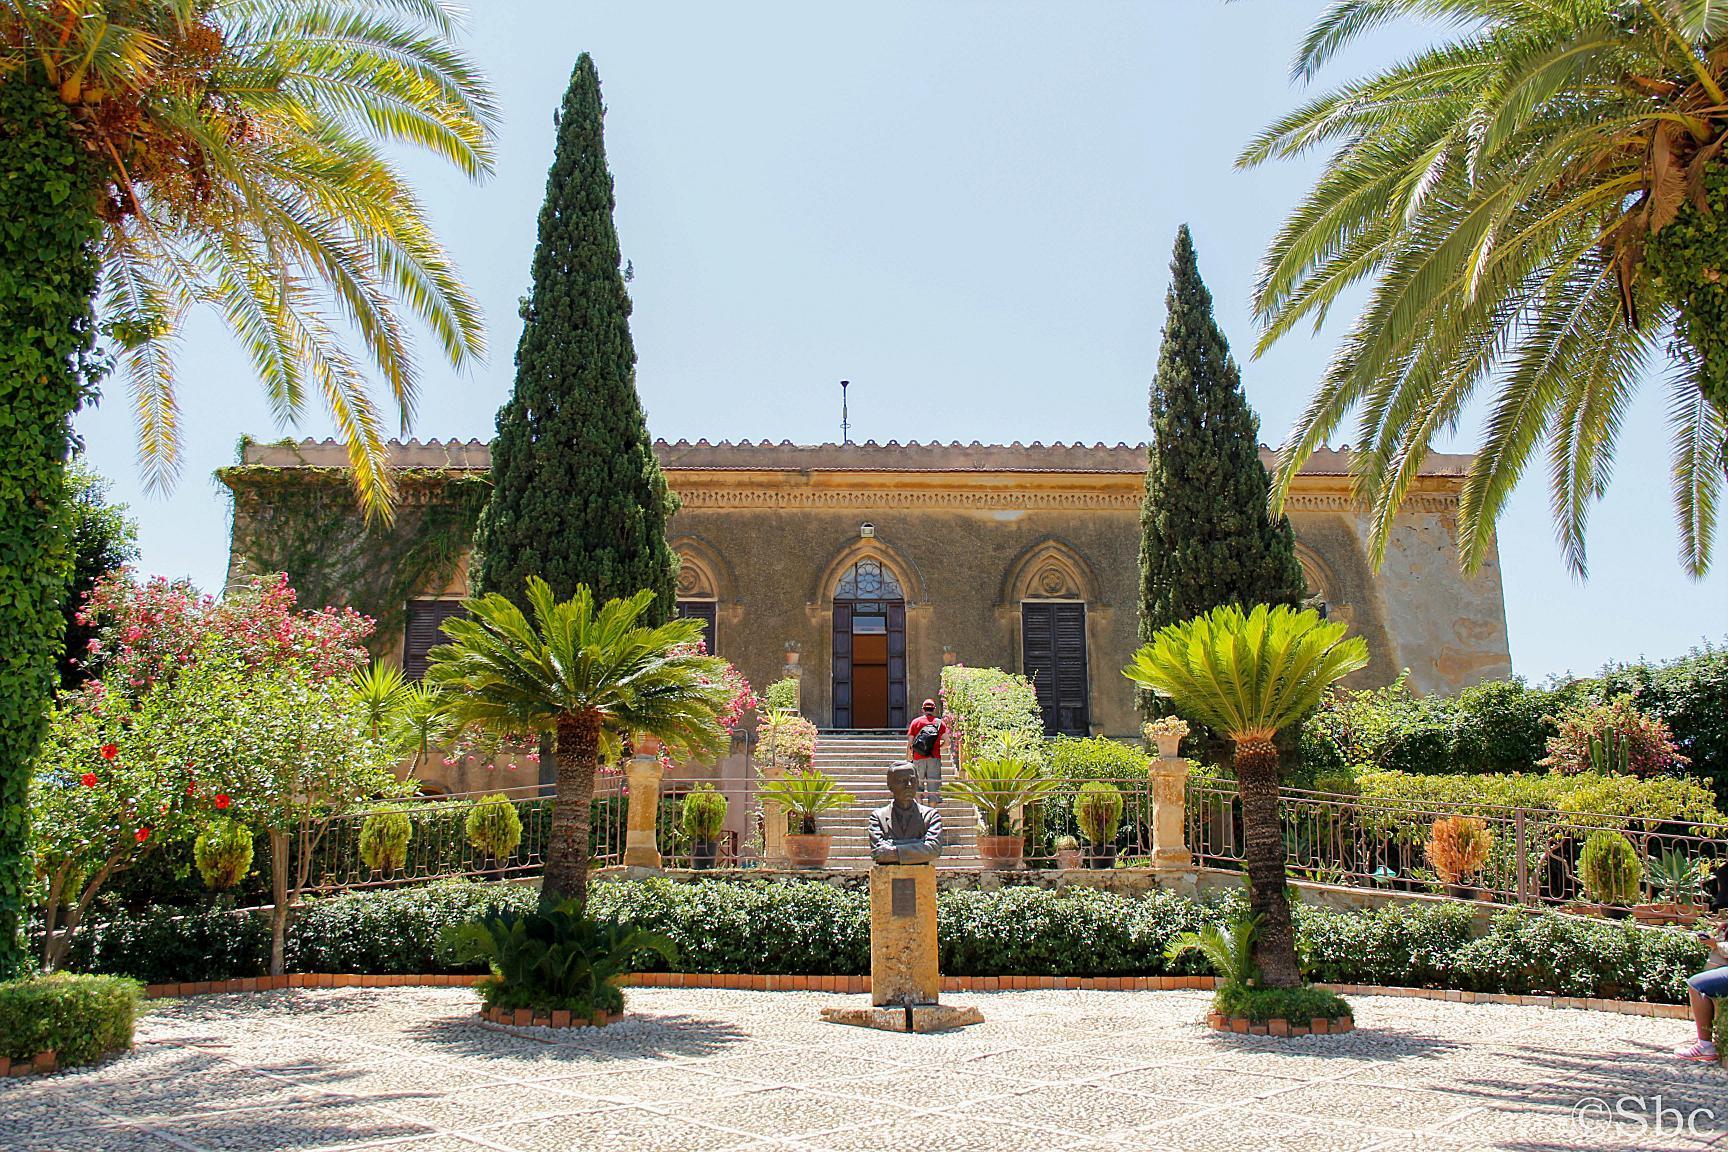 S jour en sicile juillet 2012 agrigente et la scala for Model jardin villa